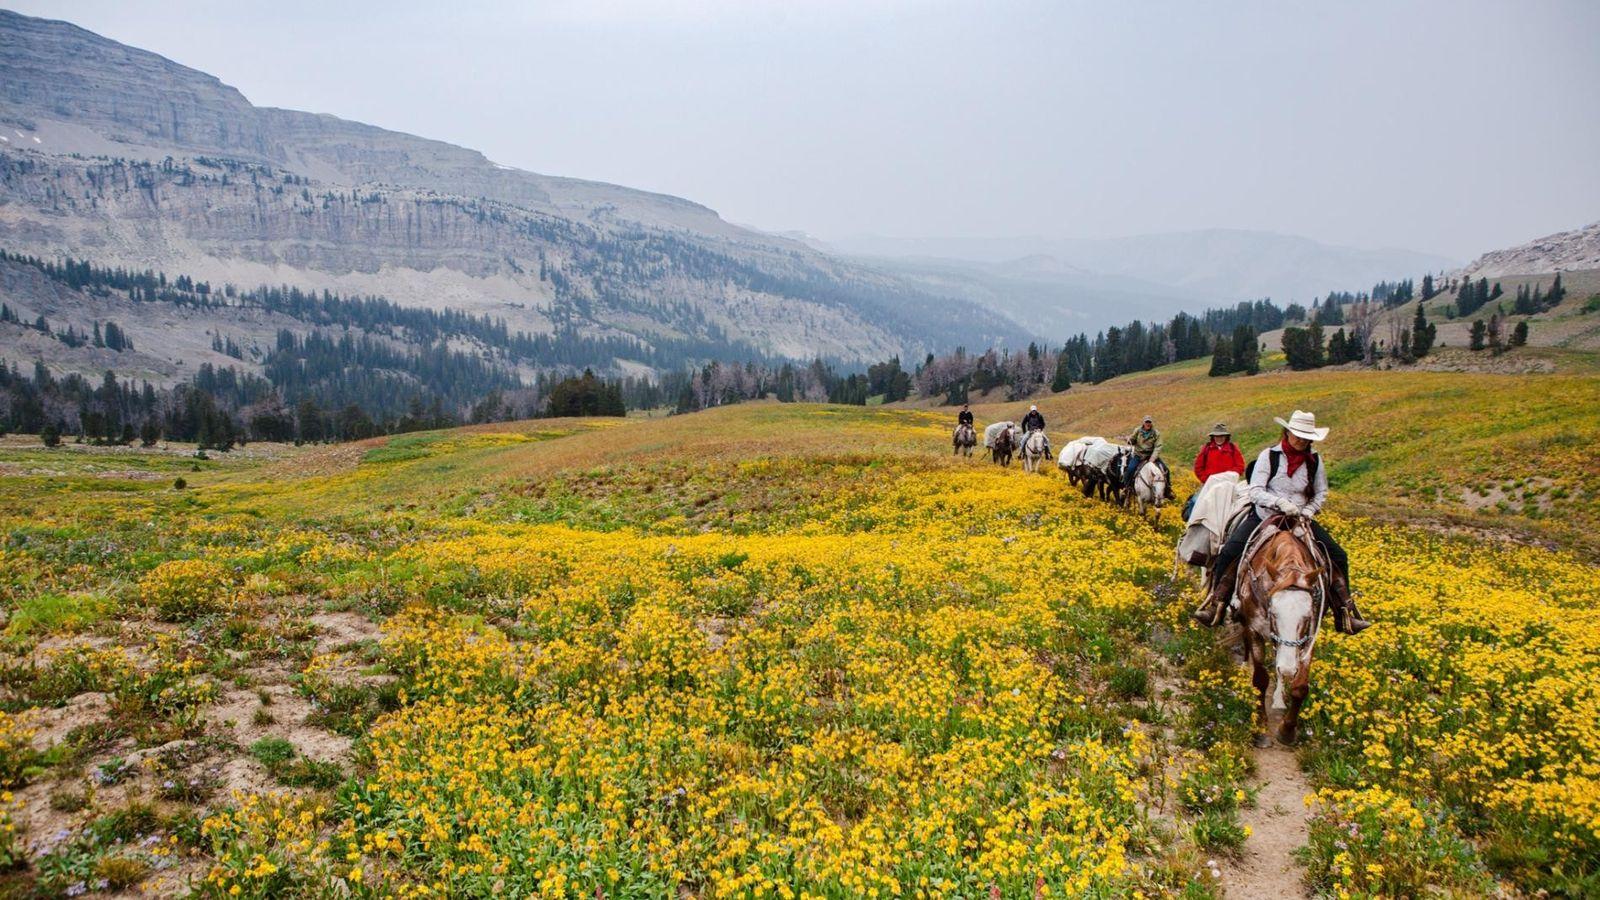 Cavaliers et chevaux se frayent un chemin à travers les champs de fleurs sauvages lors d'une ...